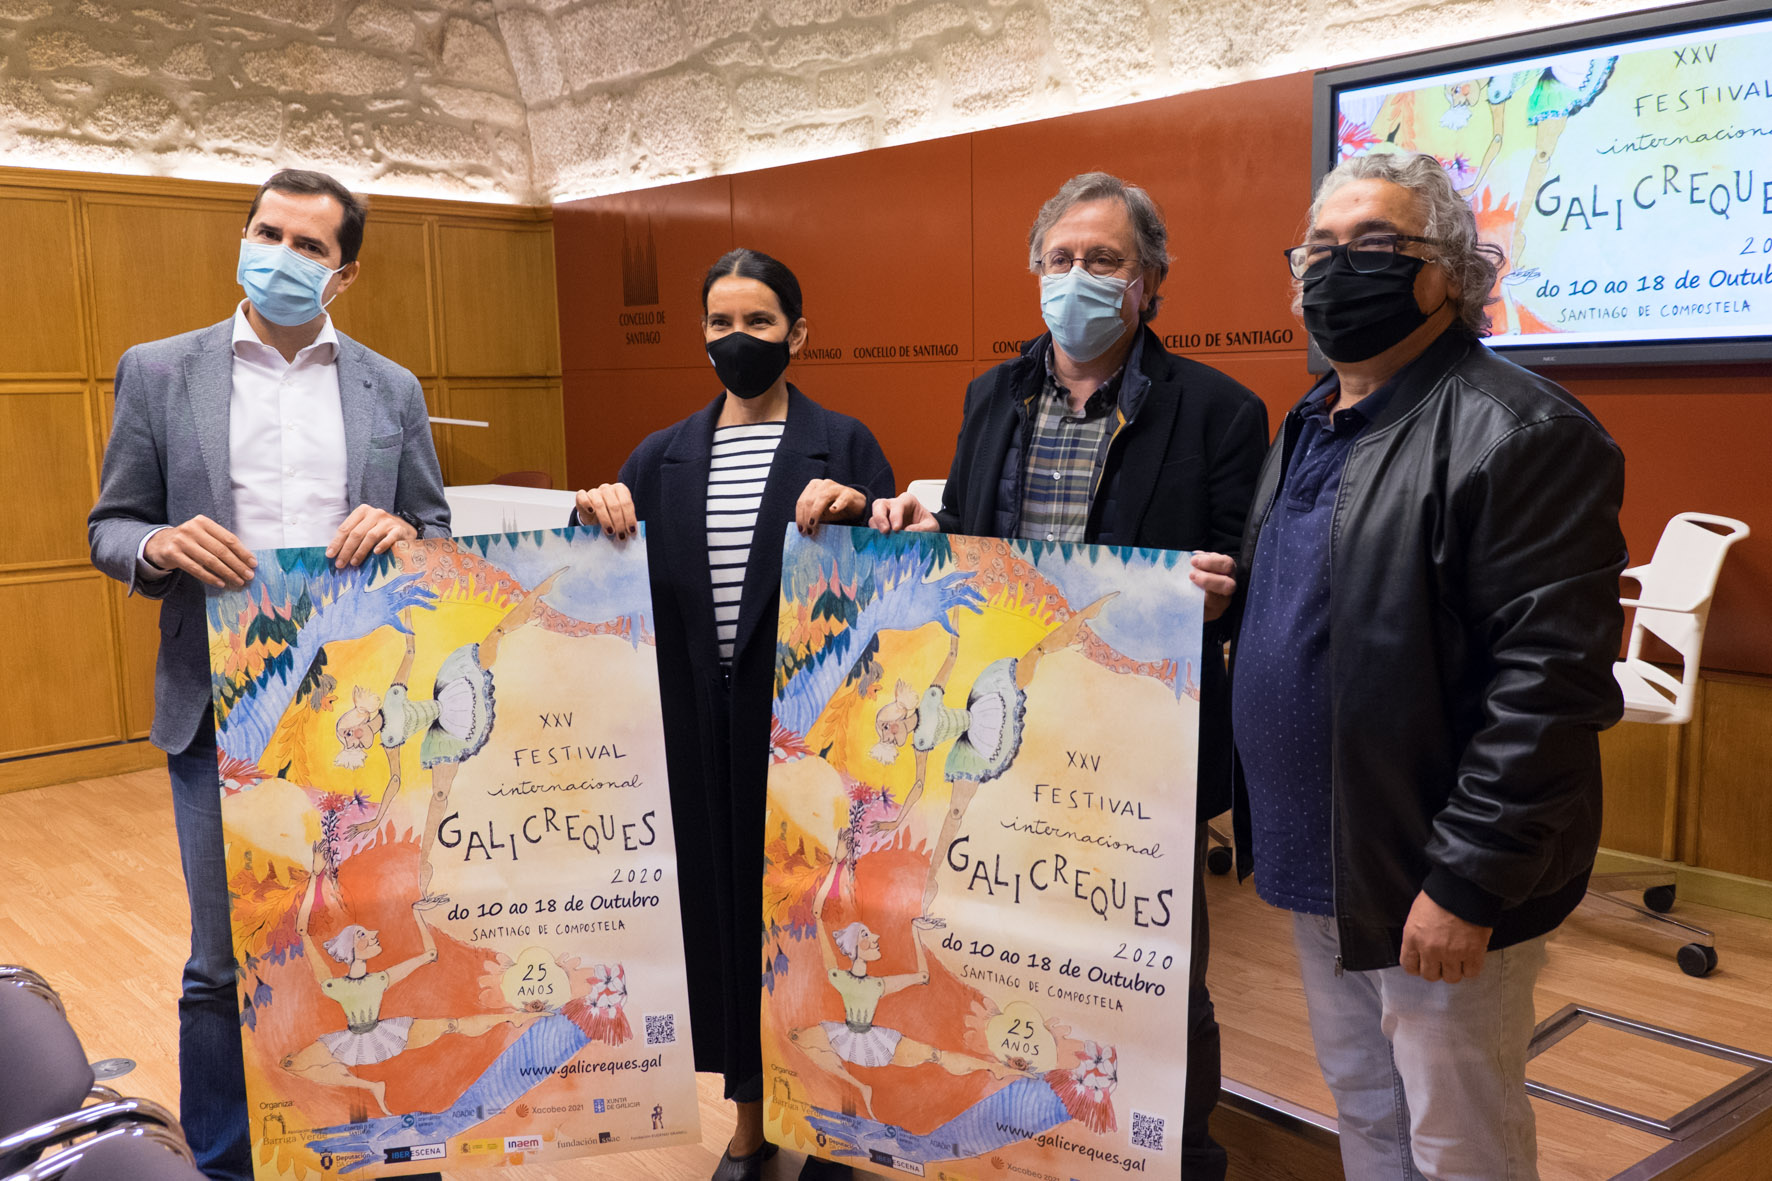 A Xunta promove o teatro de títeres co seu apoio á celebración do Festival Galicreques de Santiago de Compostela